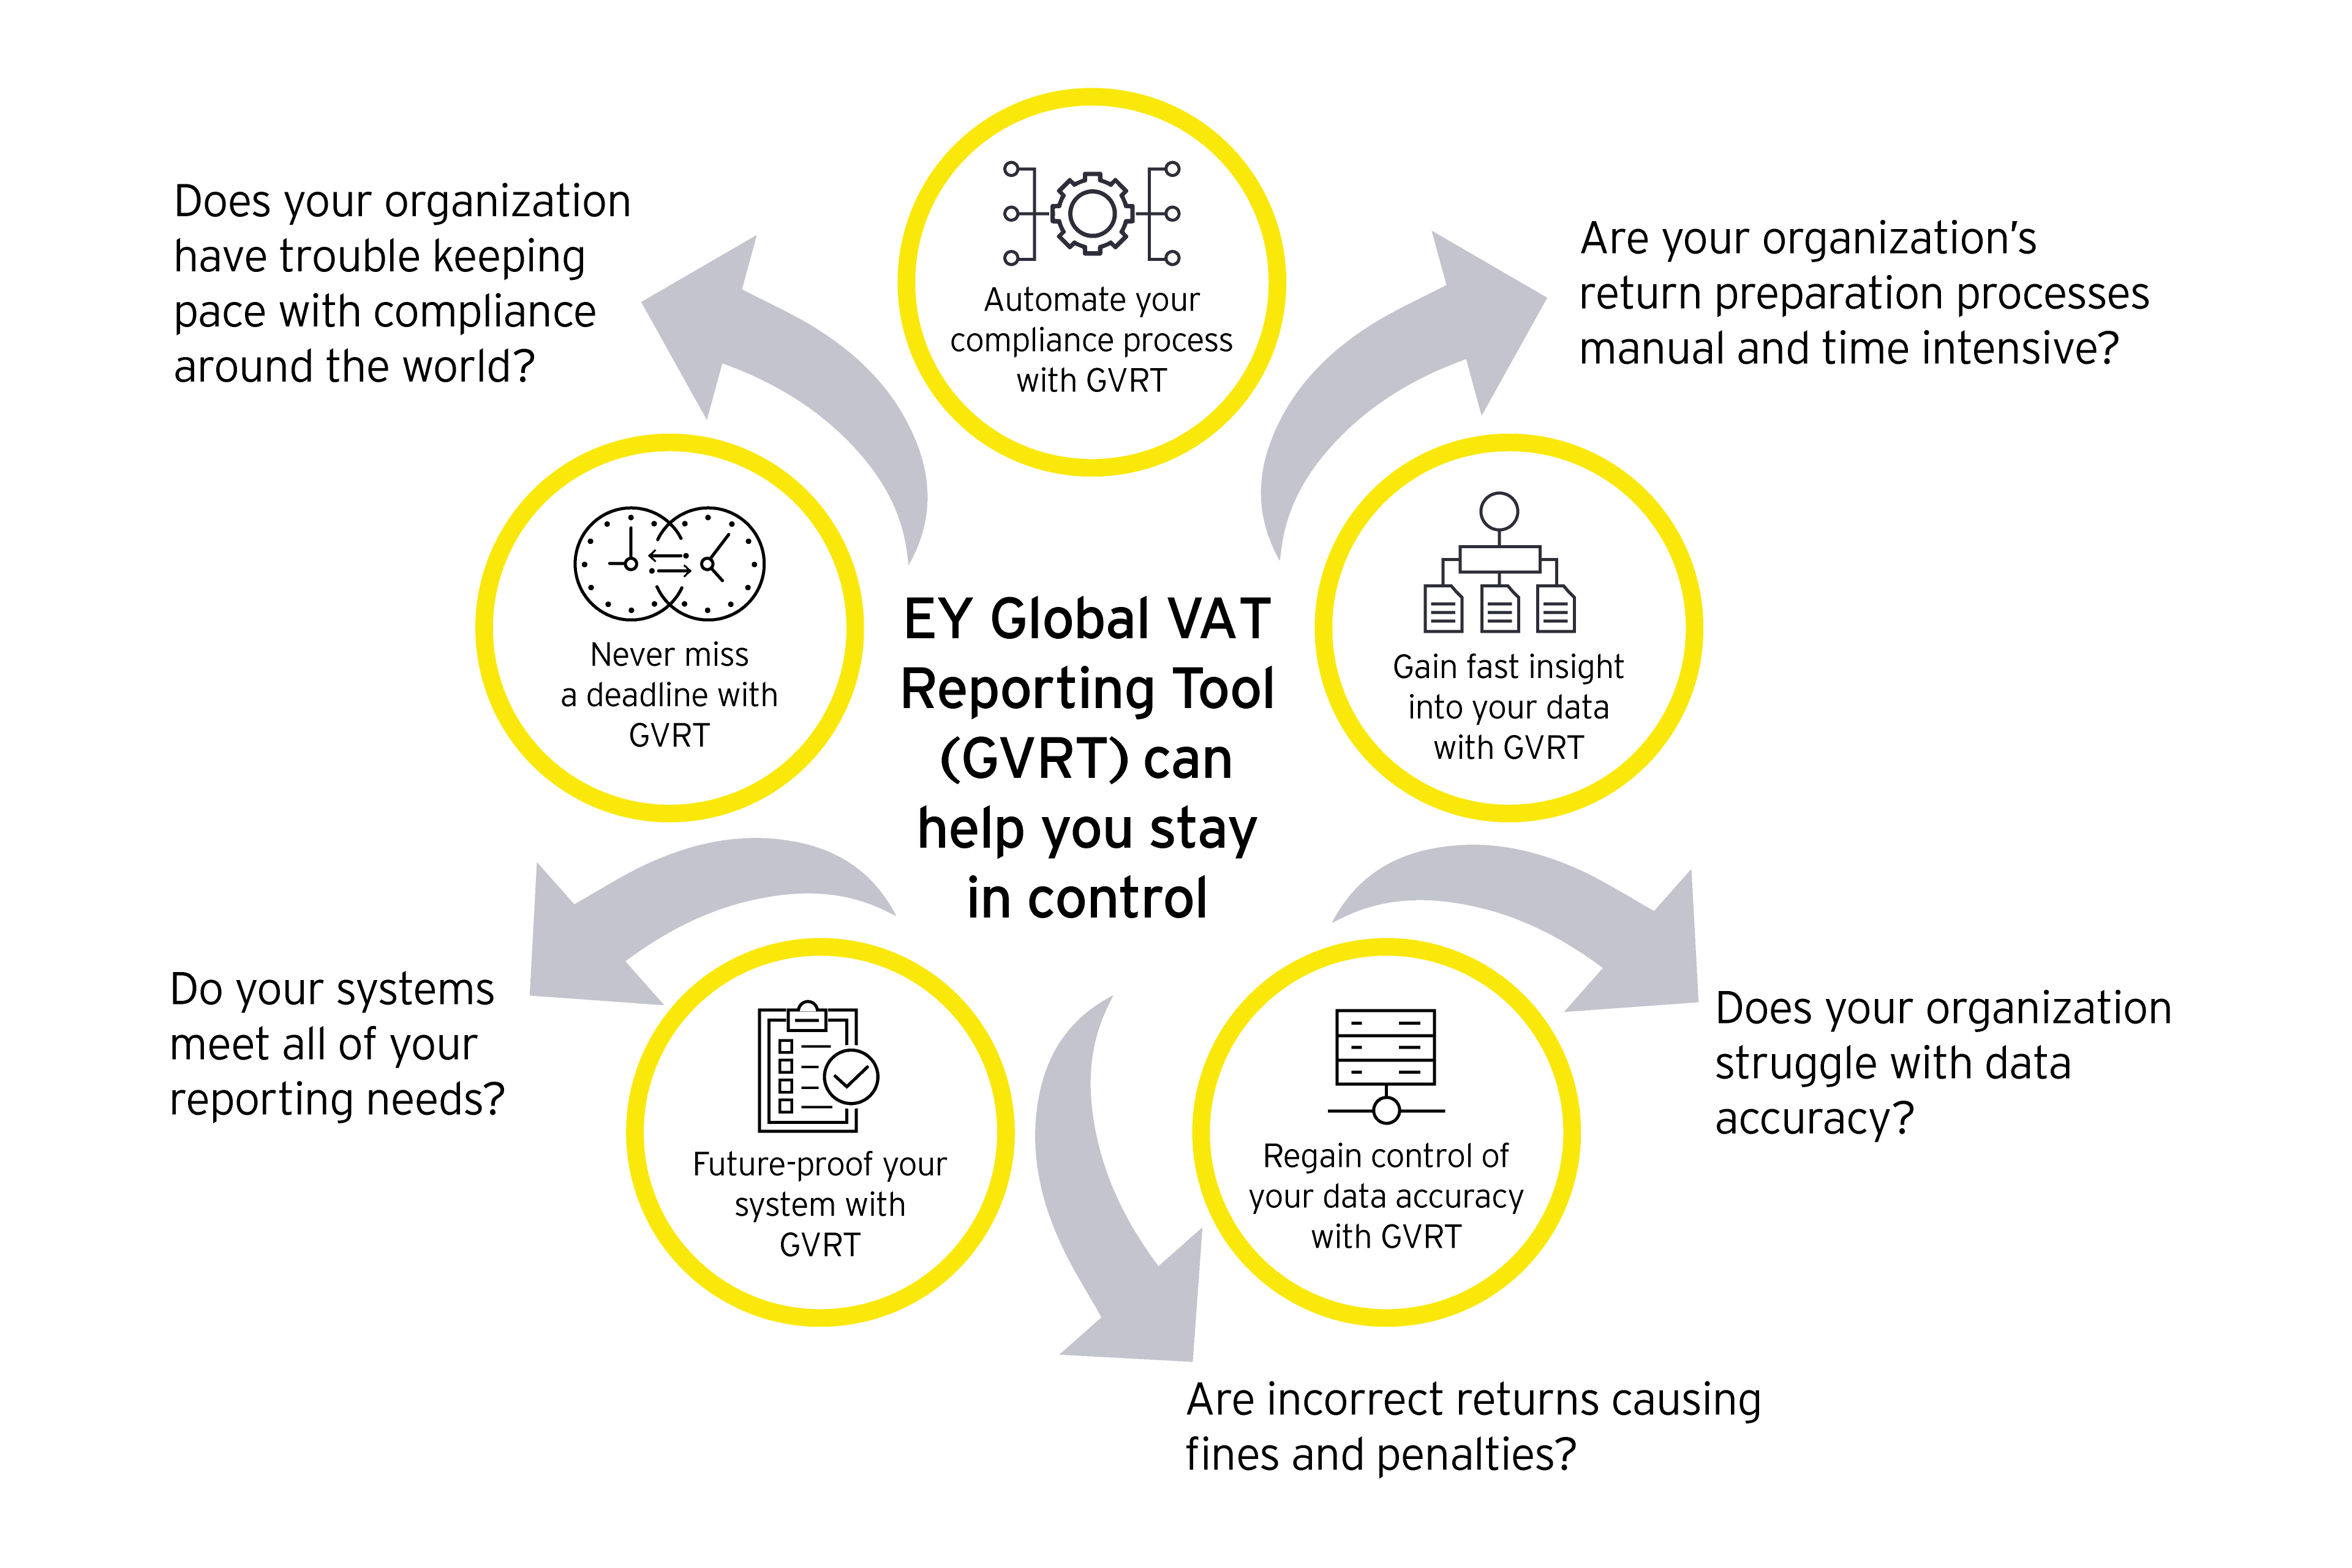 EY Global VAT Reporting Tool